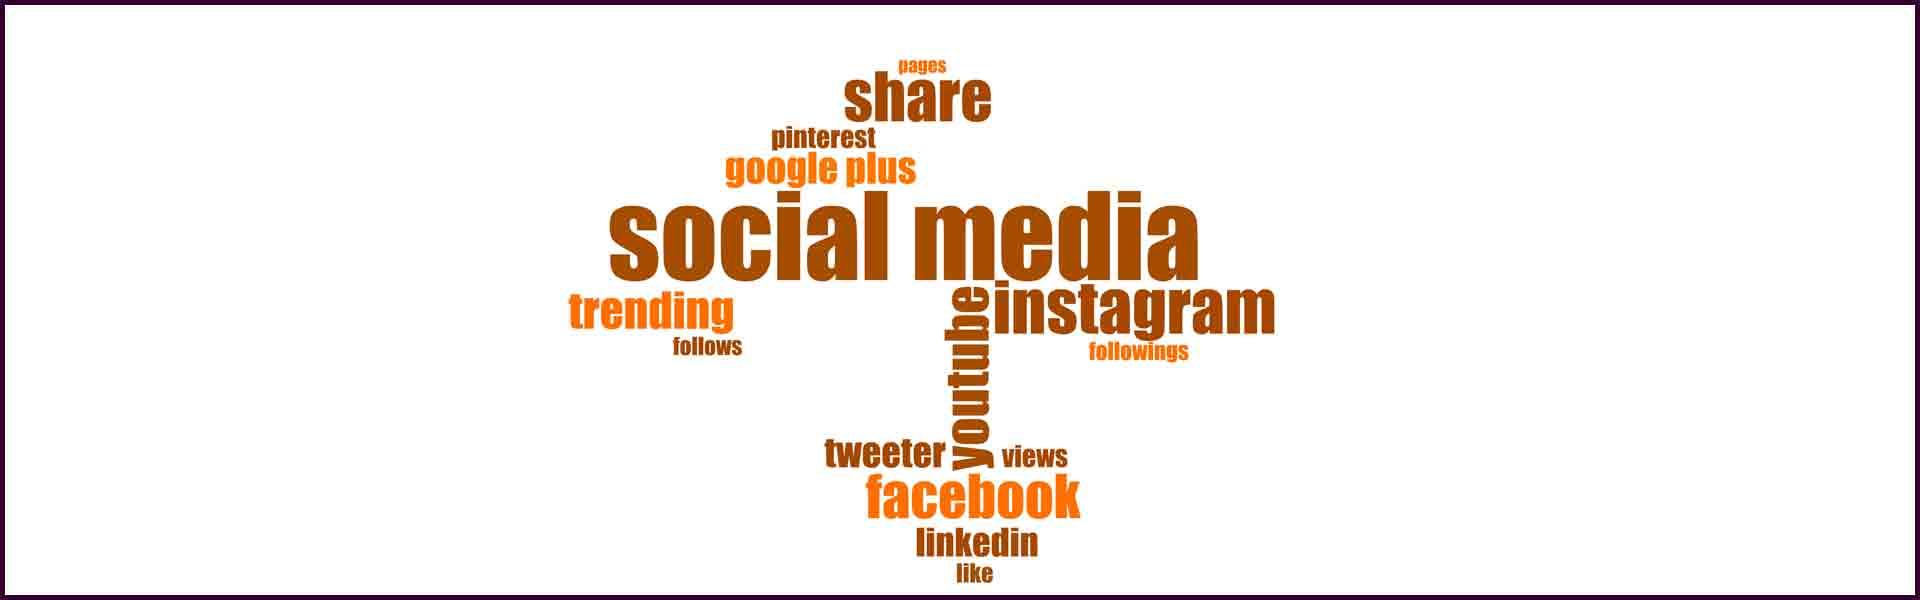 das Bild zeigt in Textform verschiedene Social Media Plattformen wie Facebook oder Instagram